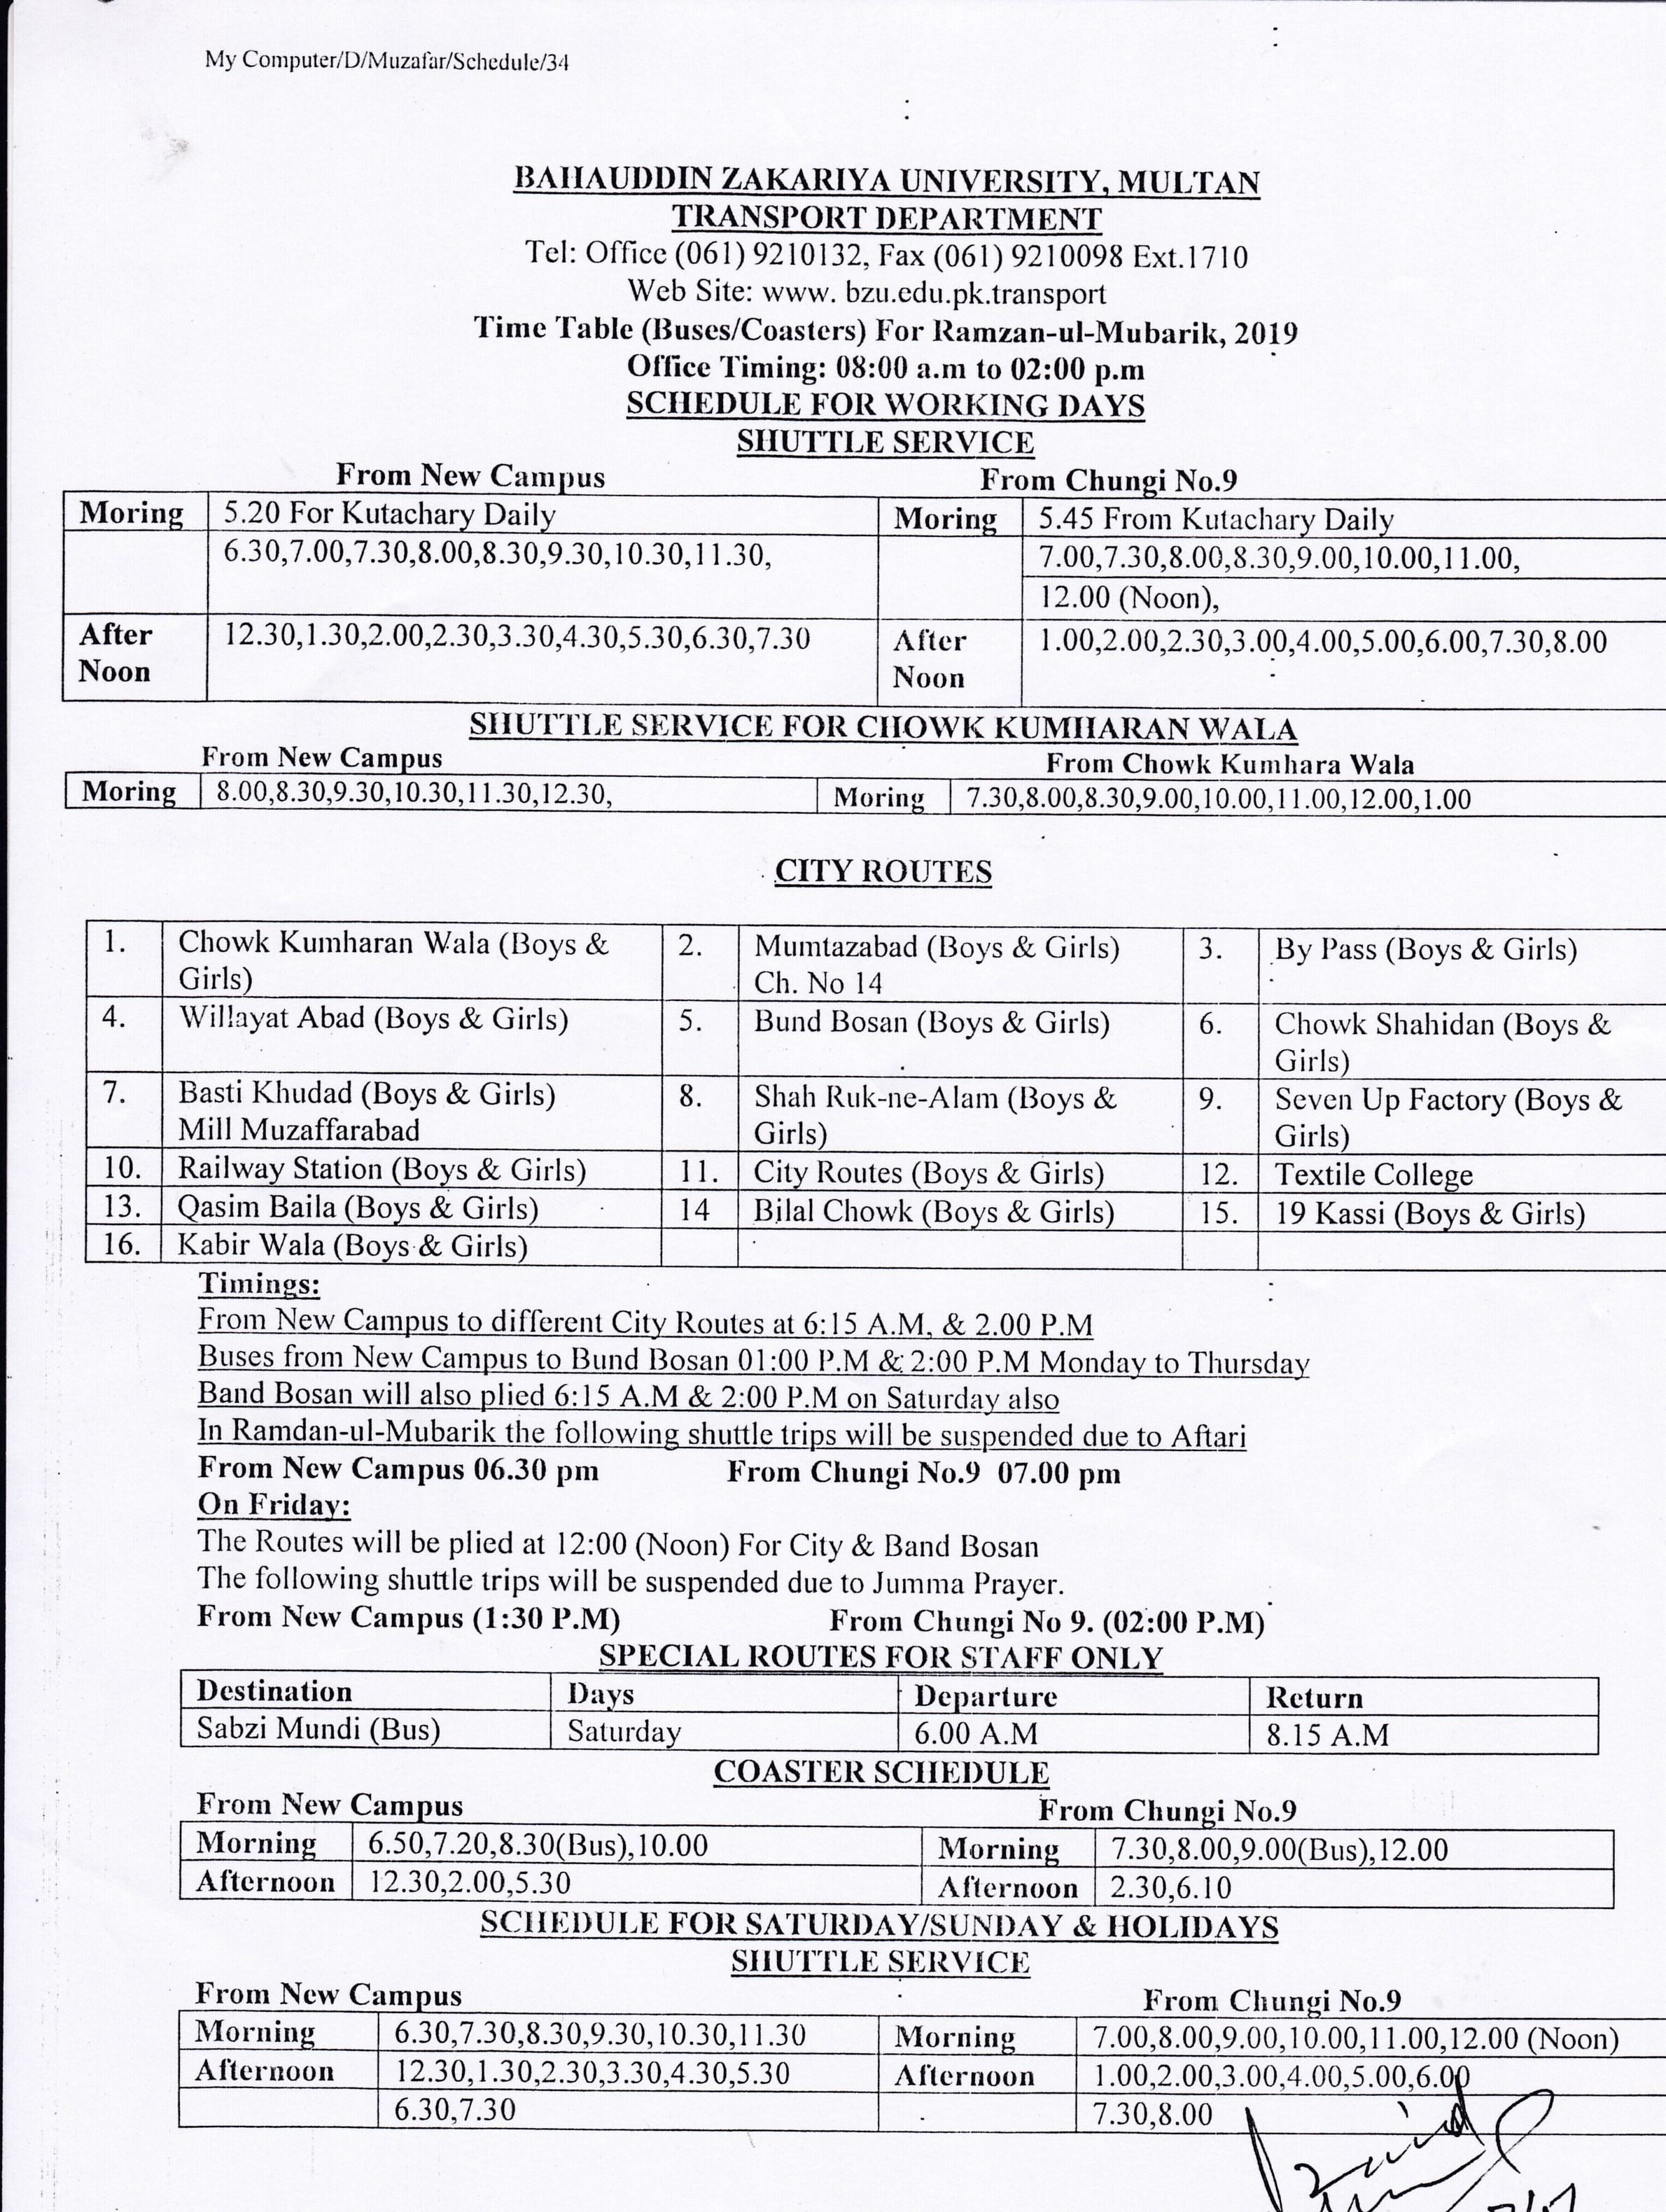 Bahauddin Zakariya University Date Sheet 2019 bzu Annual & Supply